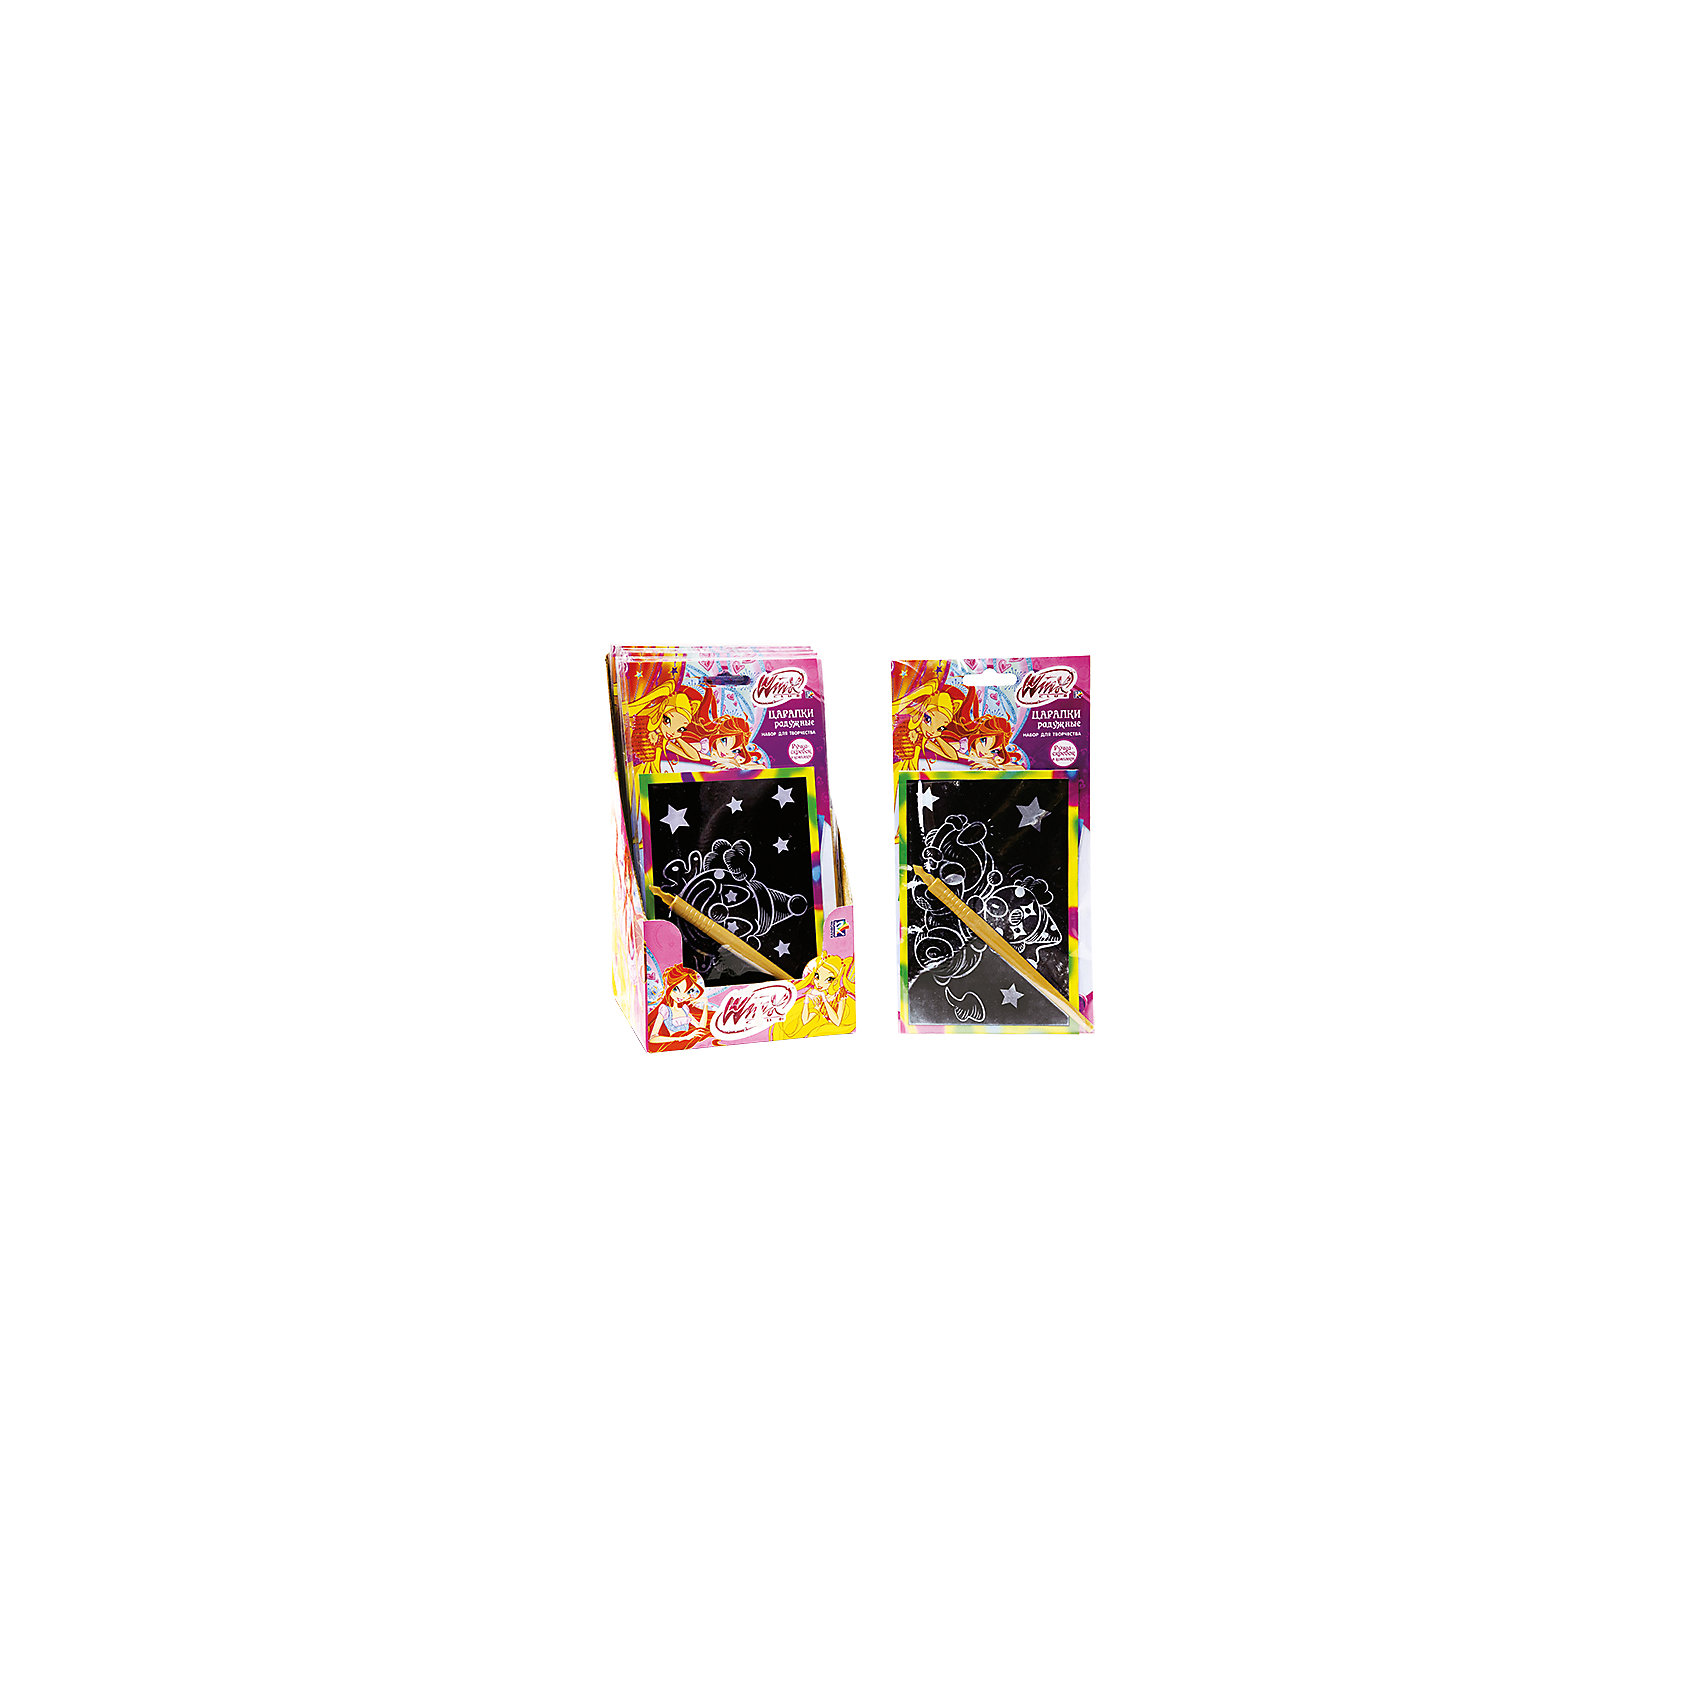 Гравюра Радужные царапки, в ассортиментеГравюра Радужные царапки и феи Винкс помогут ребенку поверить в настоящее волшебство. Ведь так просто создать красивую картинку своими руками!<br>Дополнительная информация:<br>-в наборе: гравюра<br>-вес: 40 грамм<br>-размер упаковки: 21х12х14 см<br>Гравюру Радужные царапки вы можете приобрести в нашем интернет-магазине.<br>ВНИМАНИЕ! Данный артикул имеется в наличии в разных вариантах исполнения. Заранее выбрать определенный вариант нельзя. При заказе нескольких гравюр возможно получение одинаковых.<br><br>Ширина мм: 140<br>Глубина мм: 120<br>Высота мм: 210<br>Вес г: 40<br>Возраст от месяцев: 60<br>Возраст до месяцев: 108<br>Пол: Женский<br>Возраст: Детский<br>SKU: 4915545